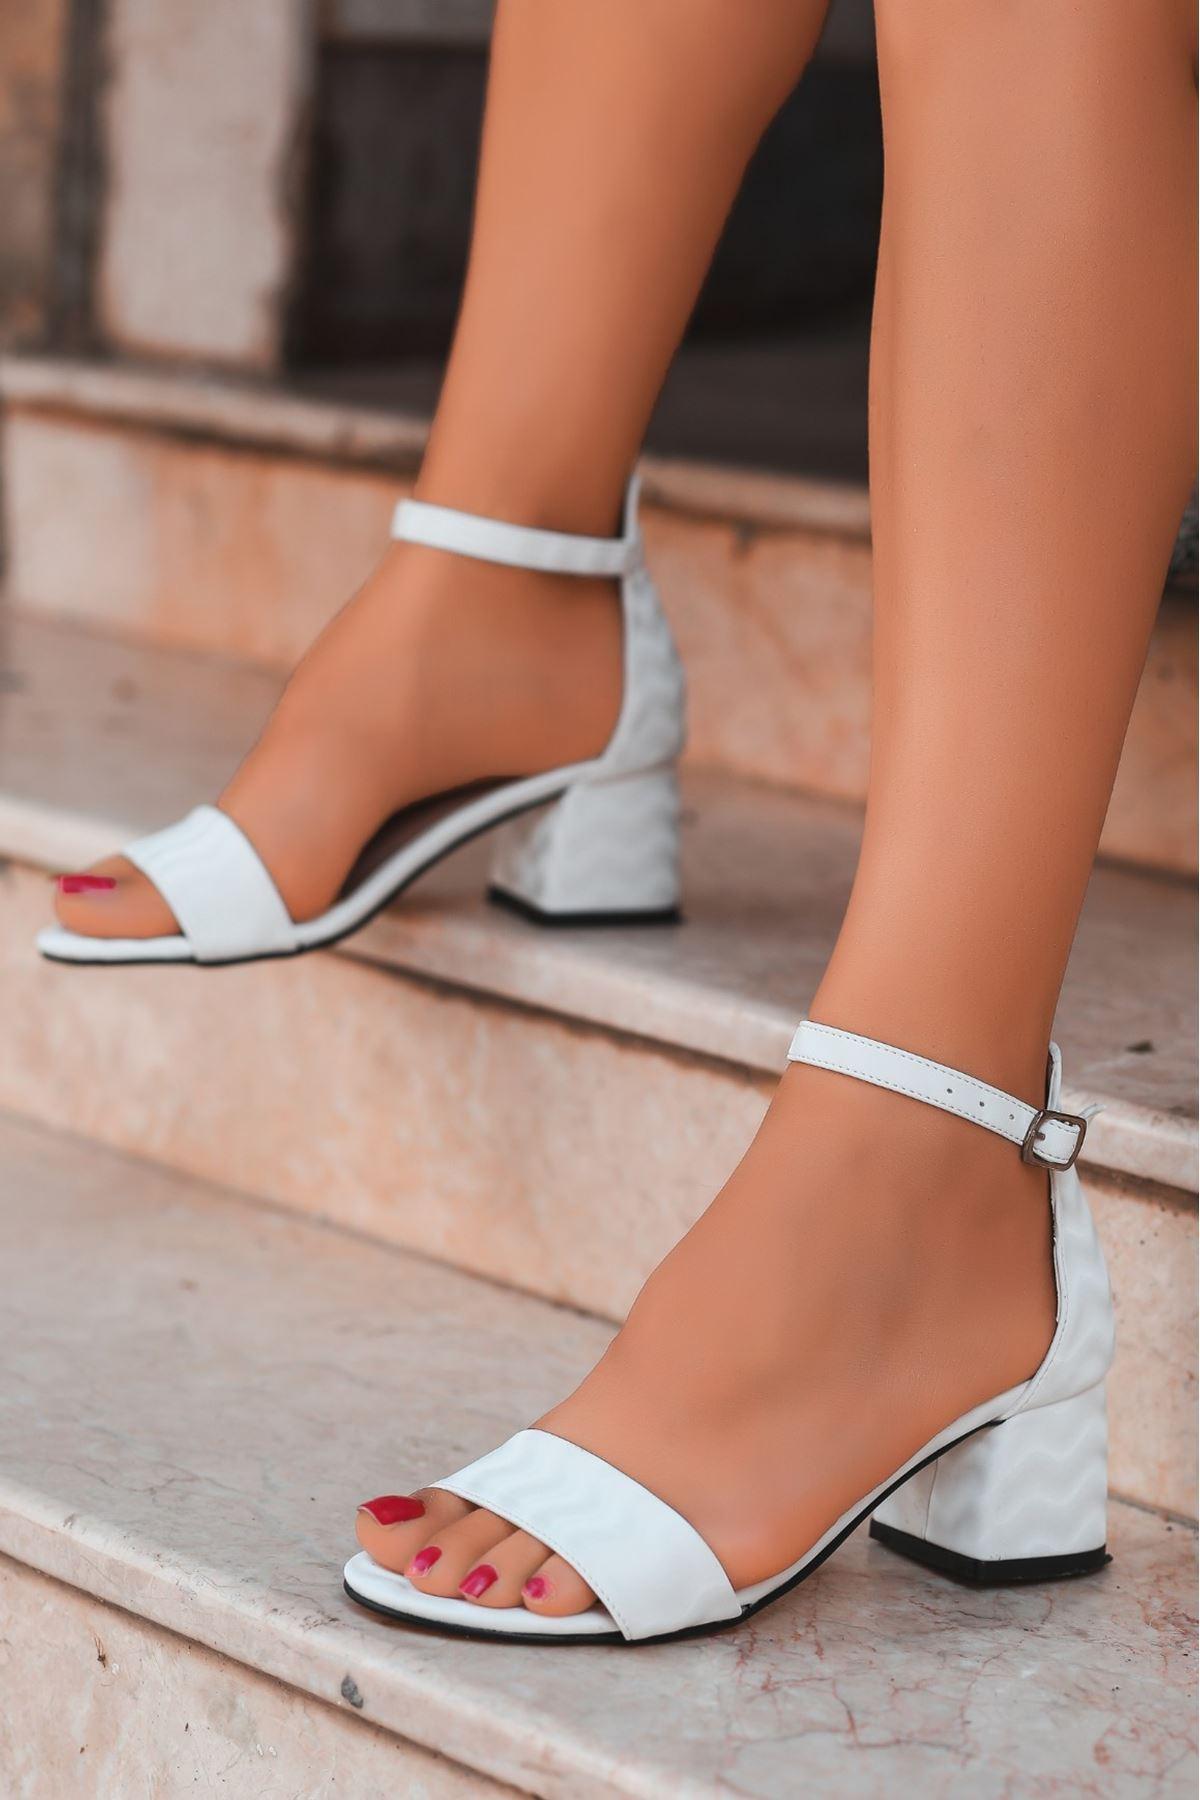 Epon Beyaz Süet Desenli Tek Bant Topuklu Ayakkabı